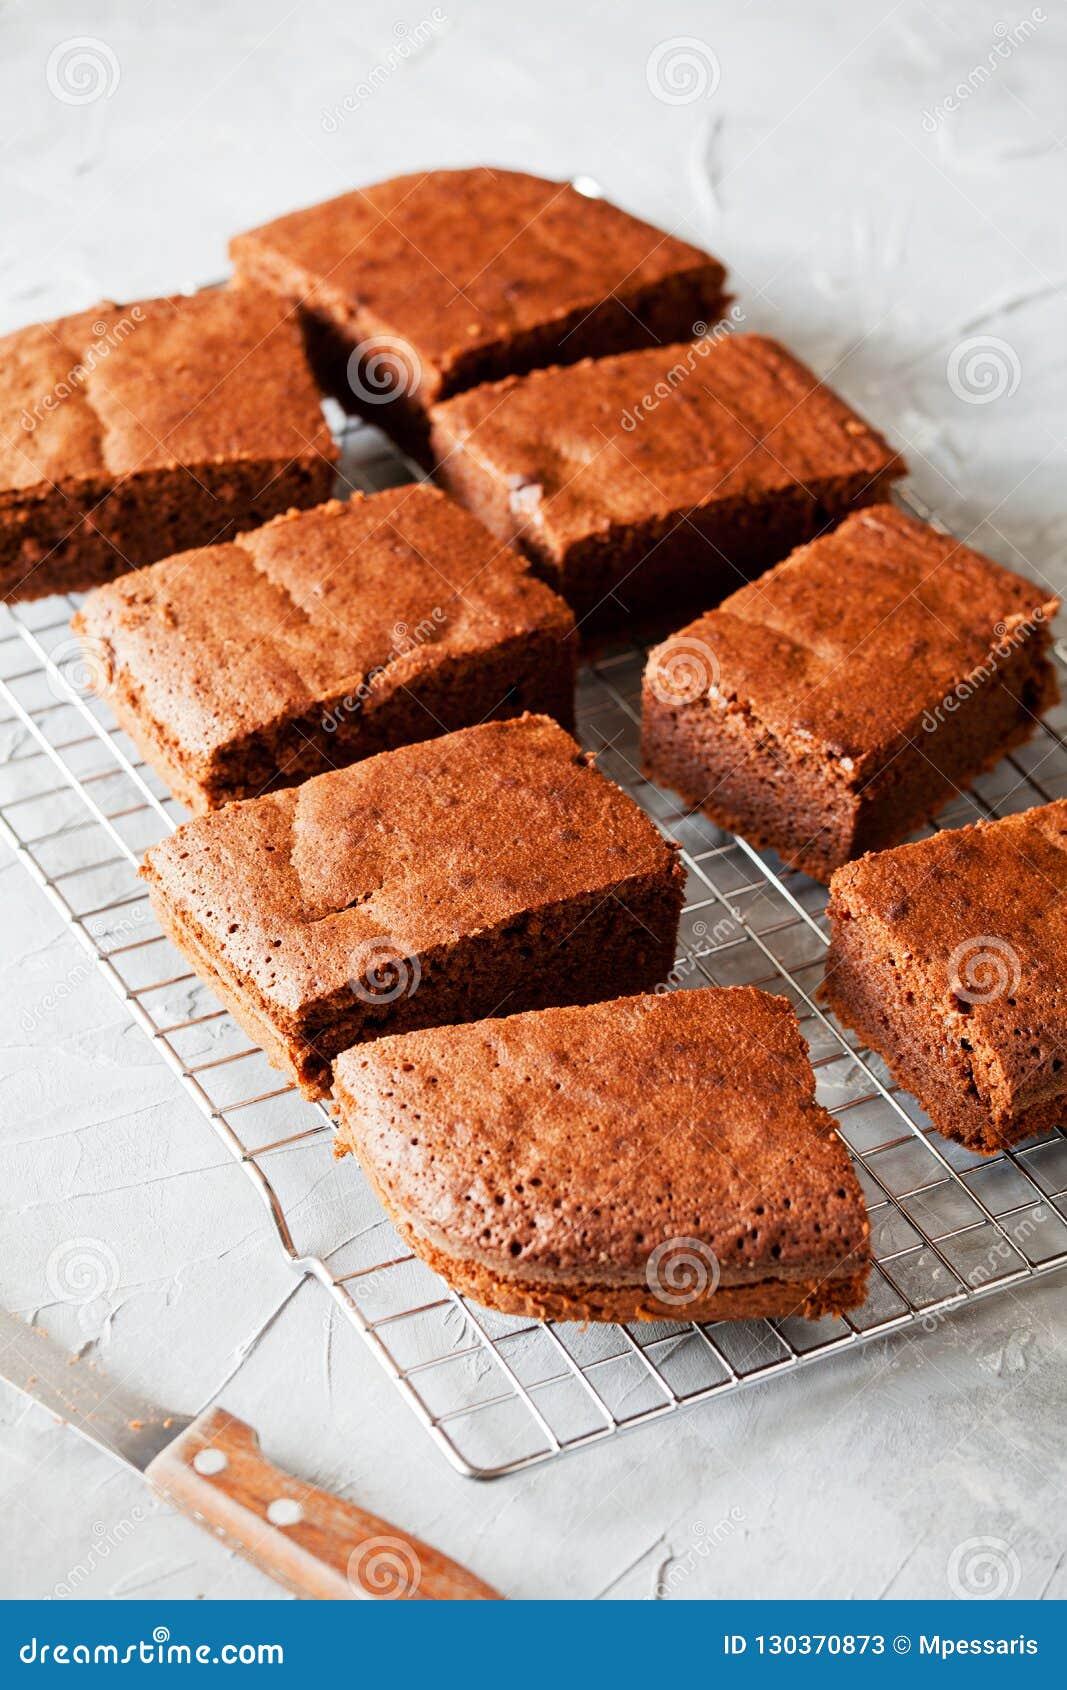 Gateau De Chocolat Fait Maison Image Stock Image Du Chocolat Gateau 130370873